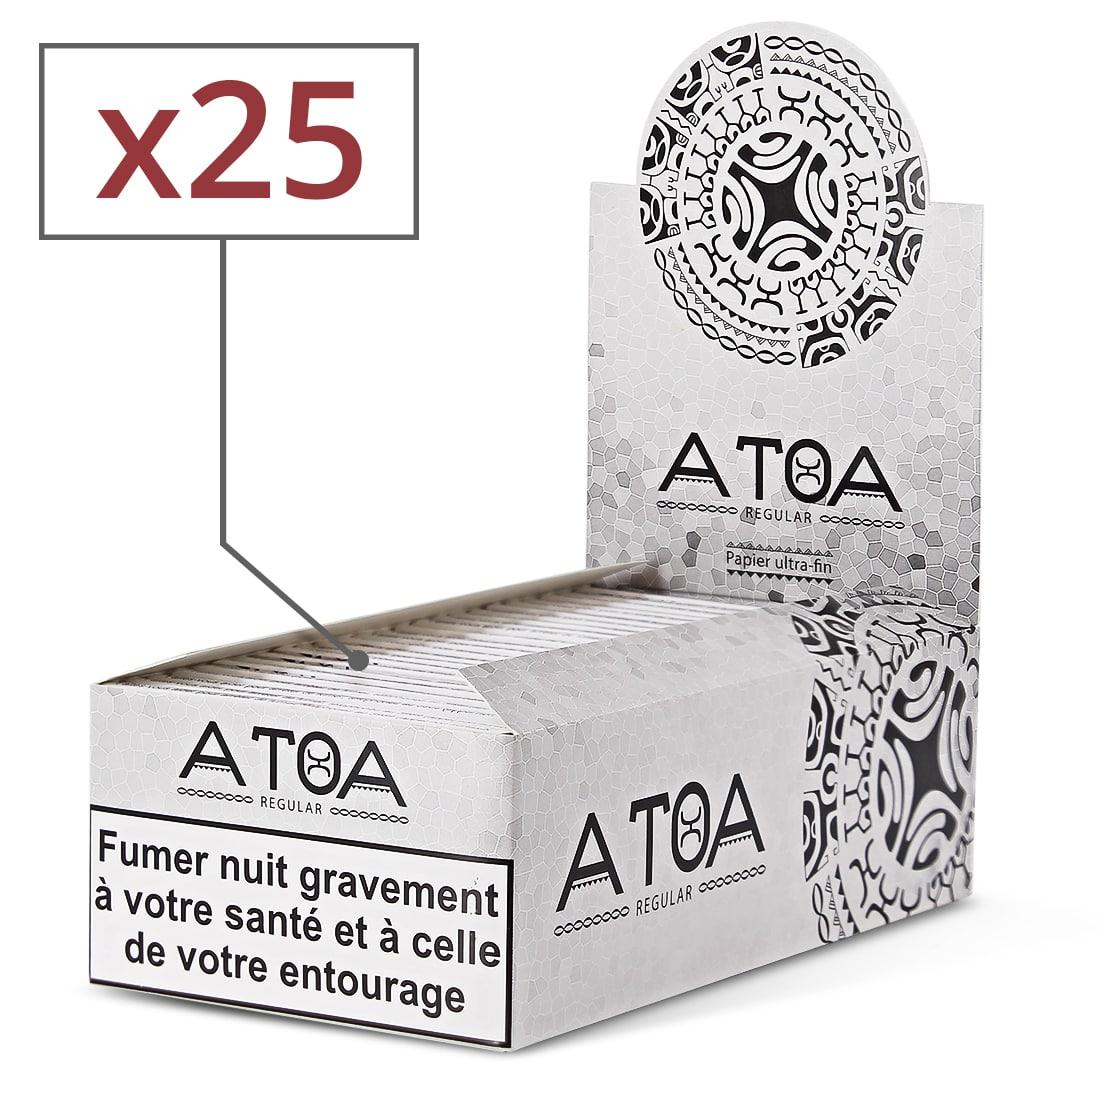 Photo de Papier a rouler ATOA Regular x25